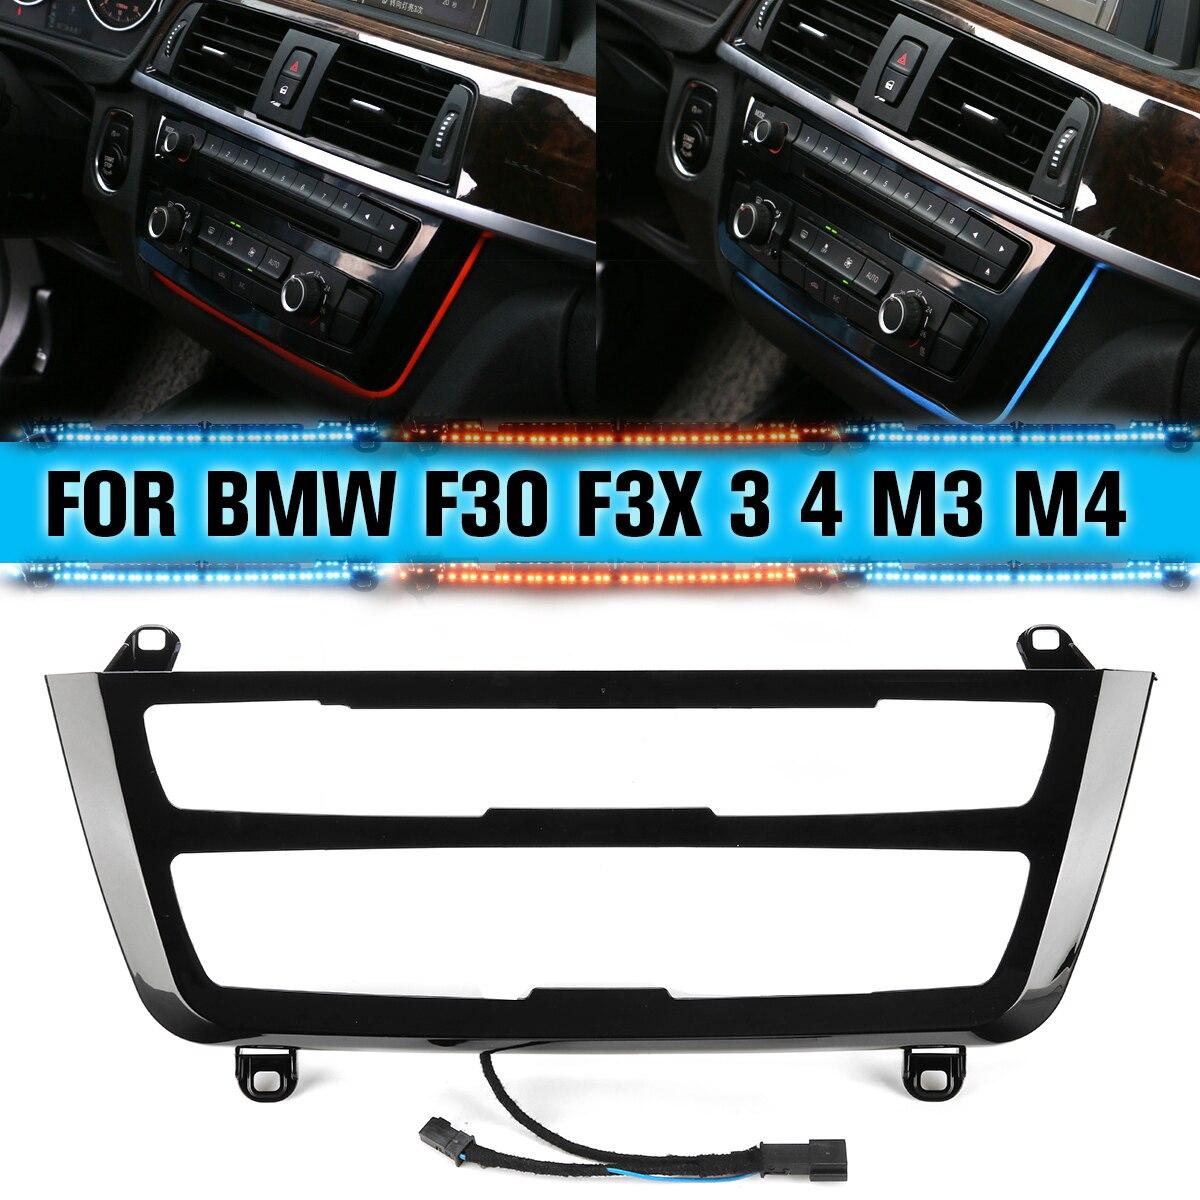 Для BMW 3 и 4 серии F30 M3 M4 LCI радио отделка LED приборная панель центральная консоль AC панель светильник синий оранжевый 2 цвета атмосферный свети